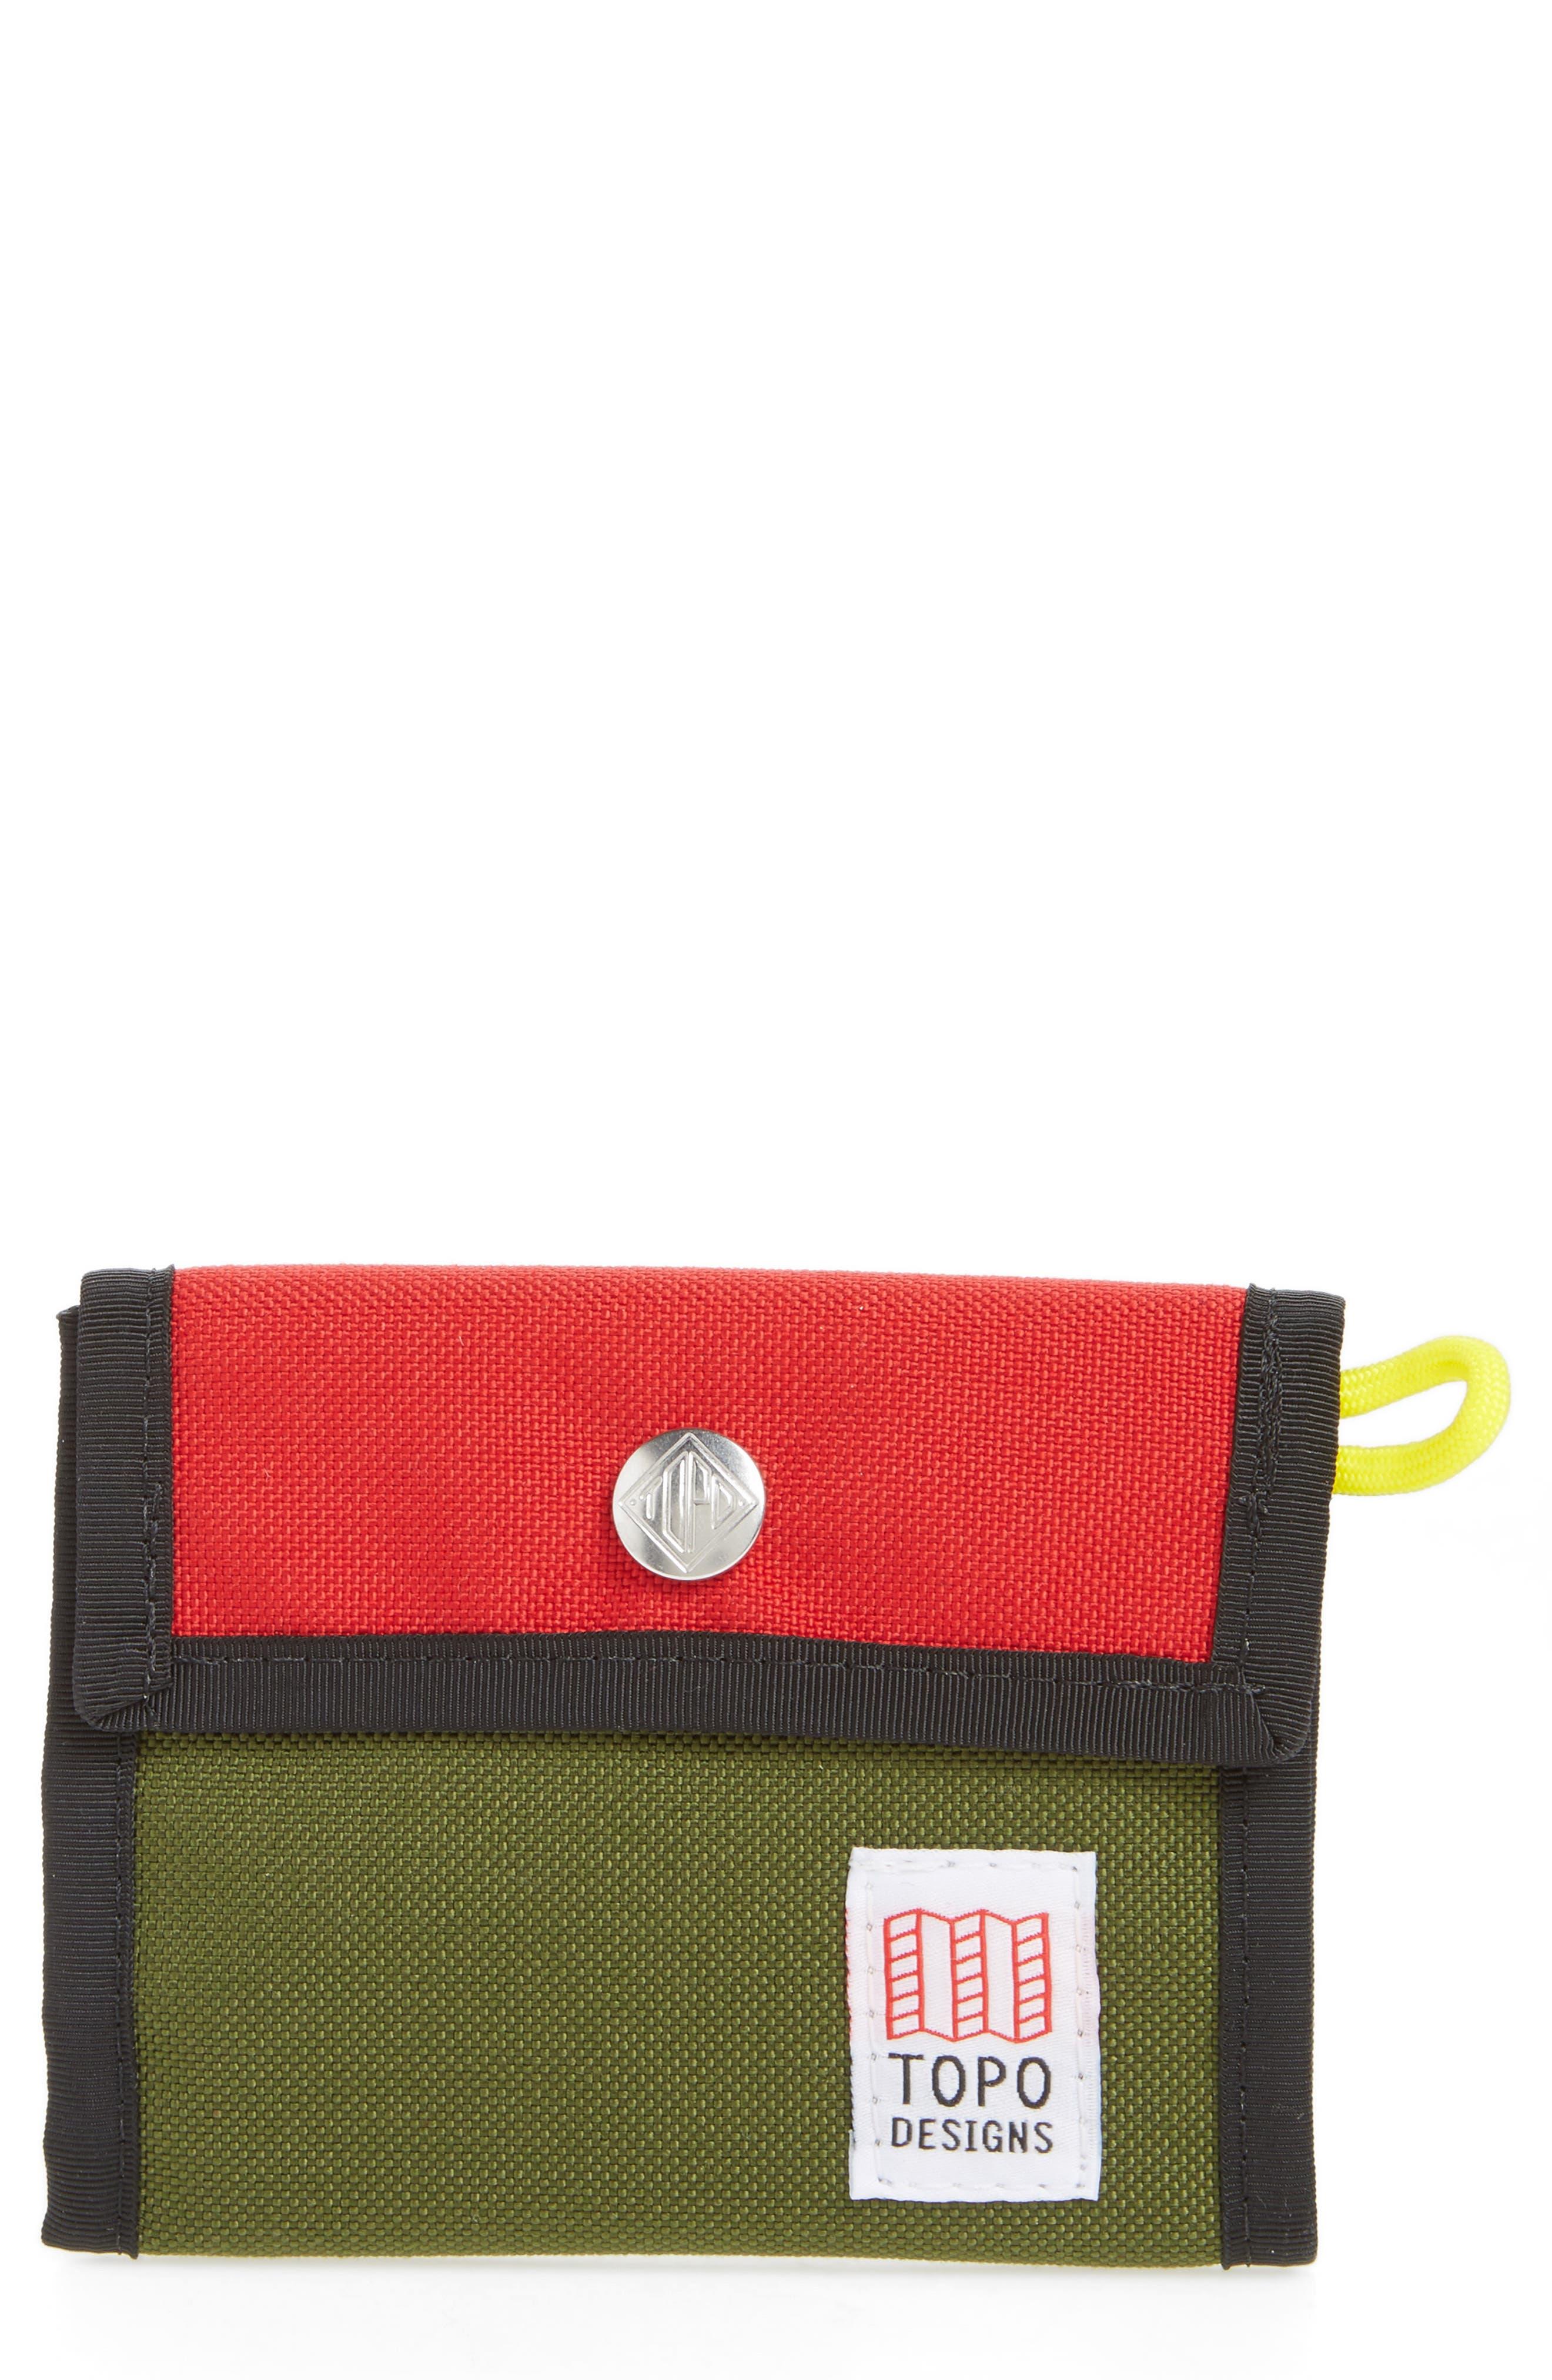 Topo Designs Snap Wallet